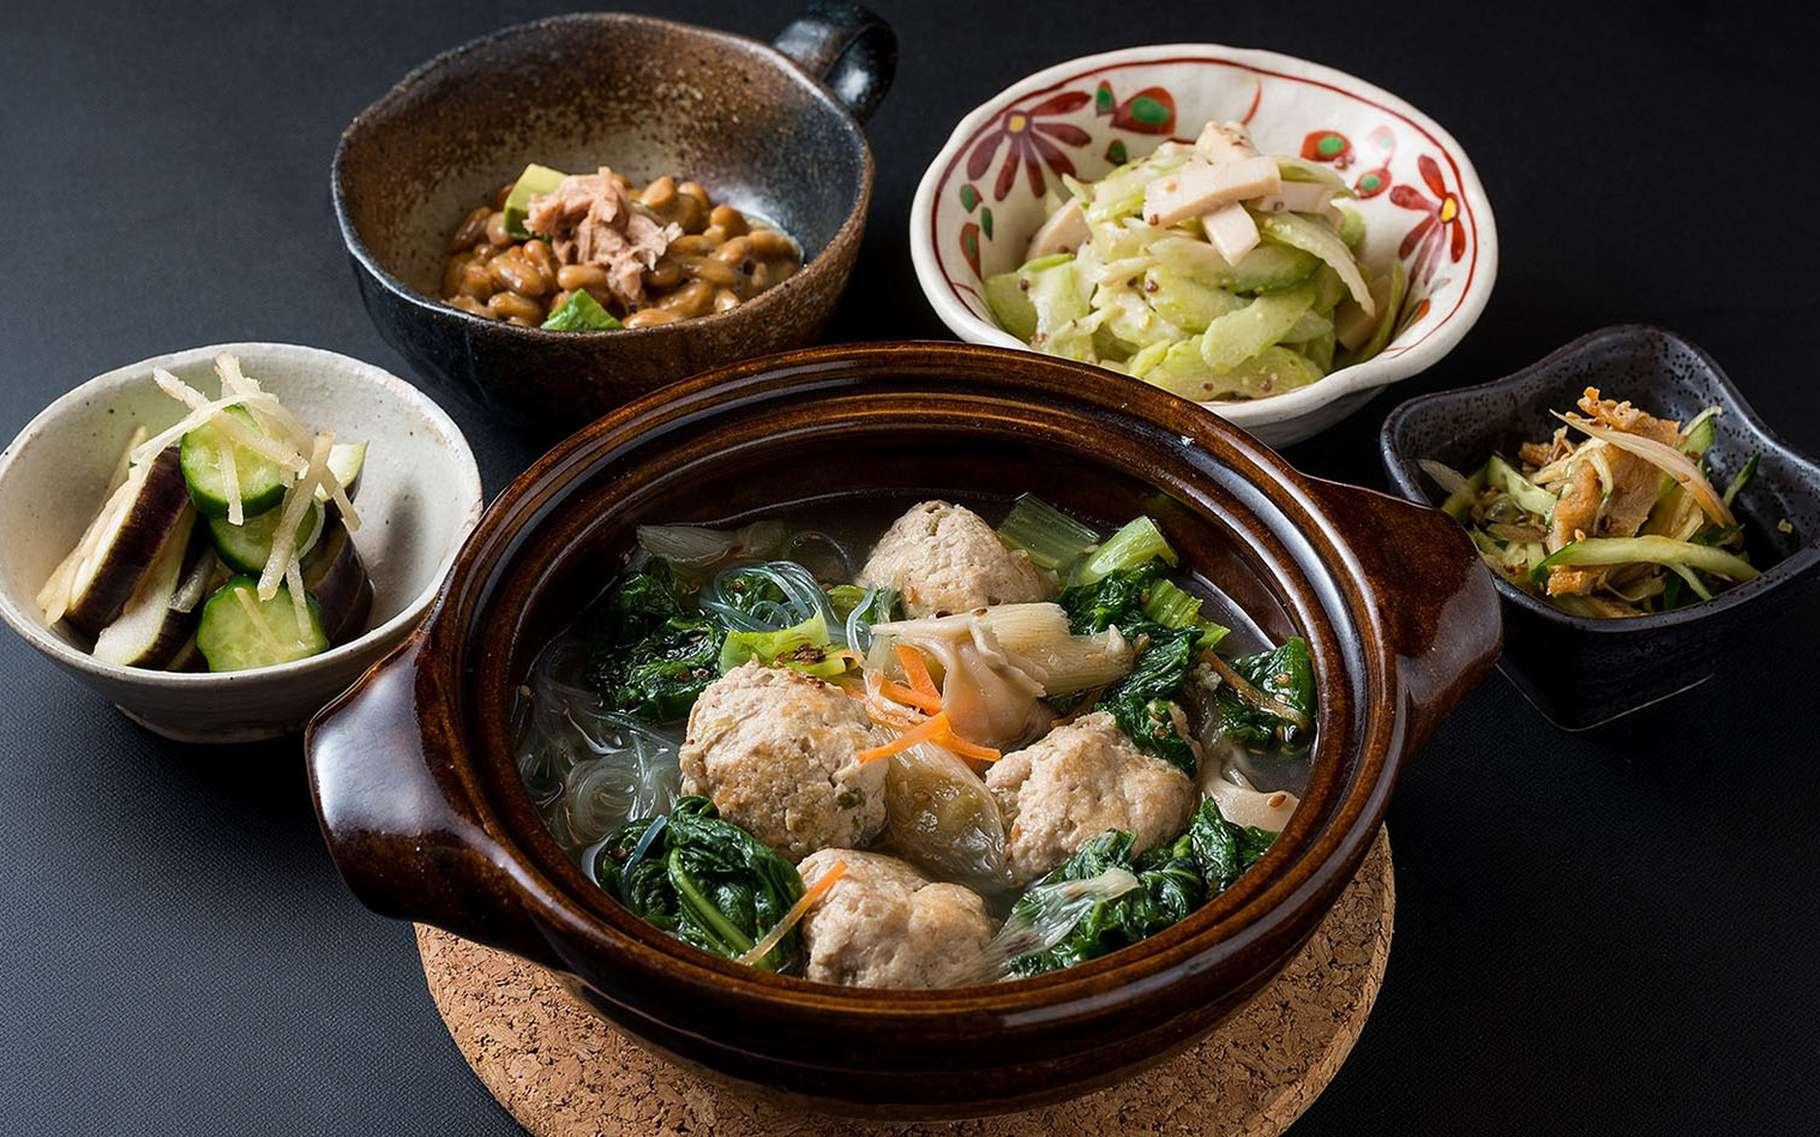 Un repas sur l'île d'Okinawa. © 10-89, Pixabay, DP